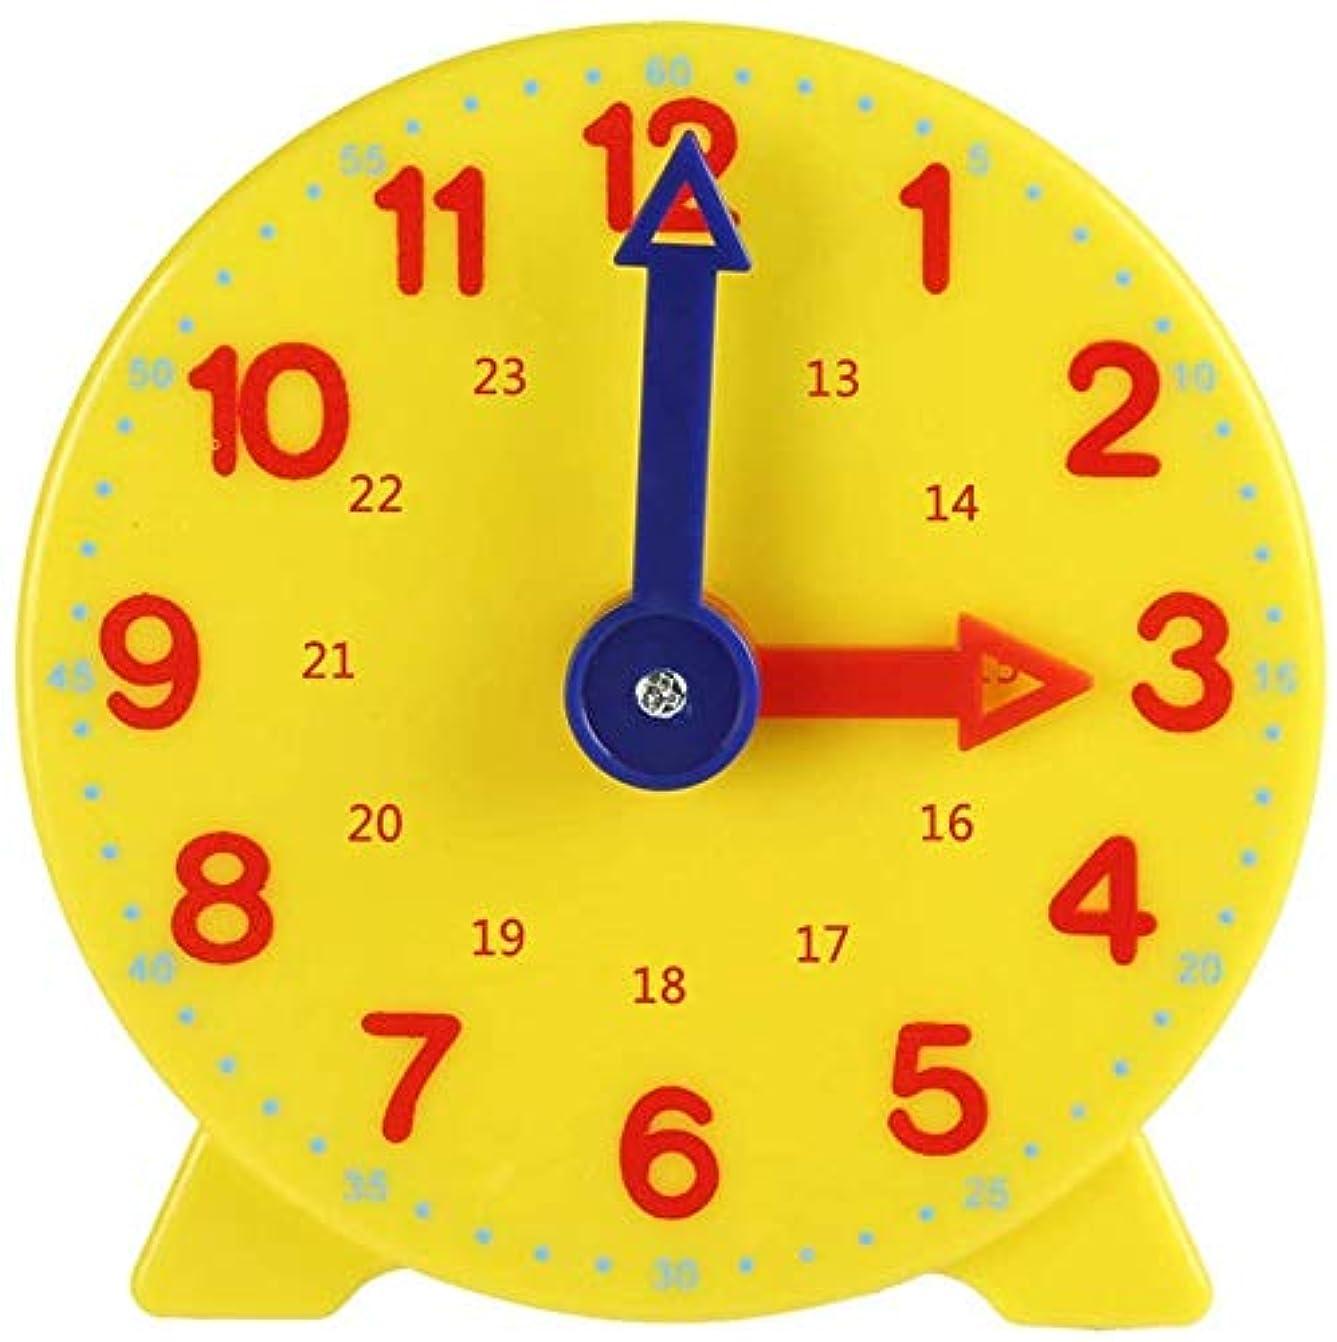 なめらか宇宙の適合しました学習時計 子供用掛け時計 教室用 生徒用 アクティビティガイド付き 赤ちゃん 知育玩具 ラーニング リソーシズ 時計の学習ができる学習用時計 幼稚園 時間を学べる算数教材として活用可能 ギフト